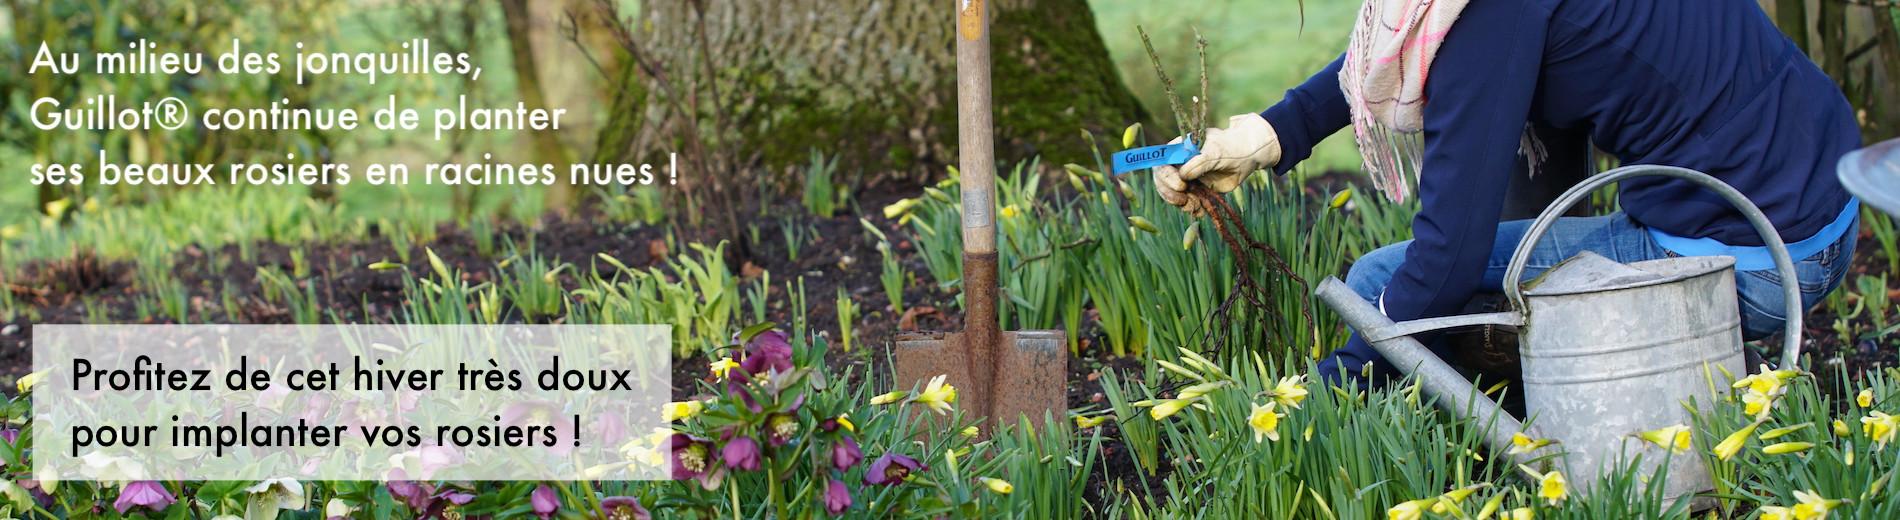 C'est le moment idéal pour planter des rosiers racines nues !